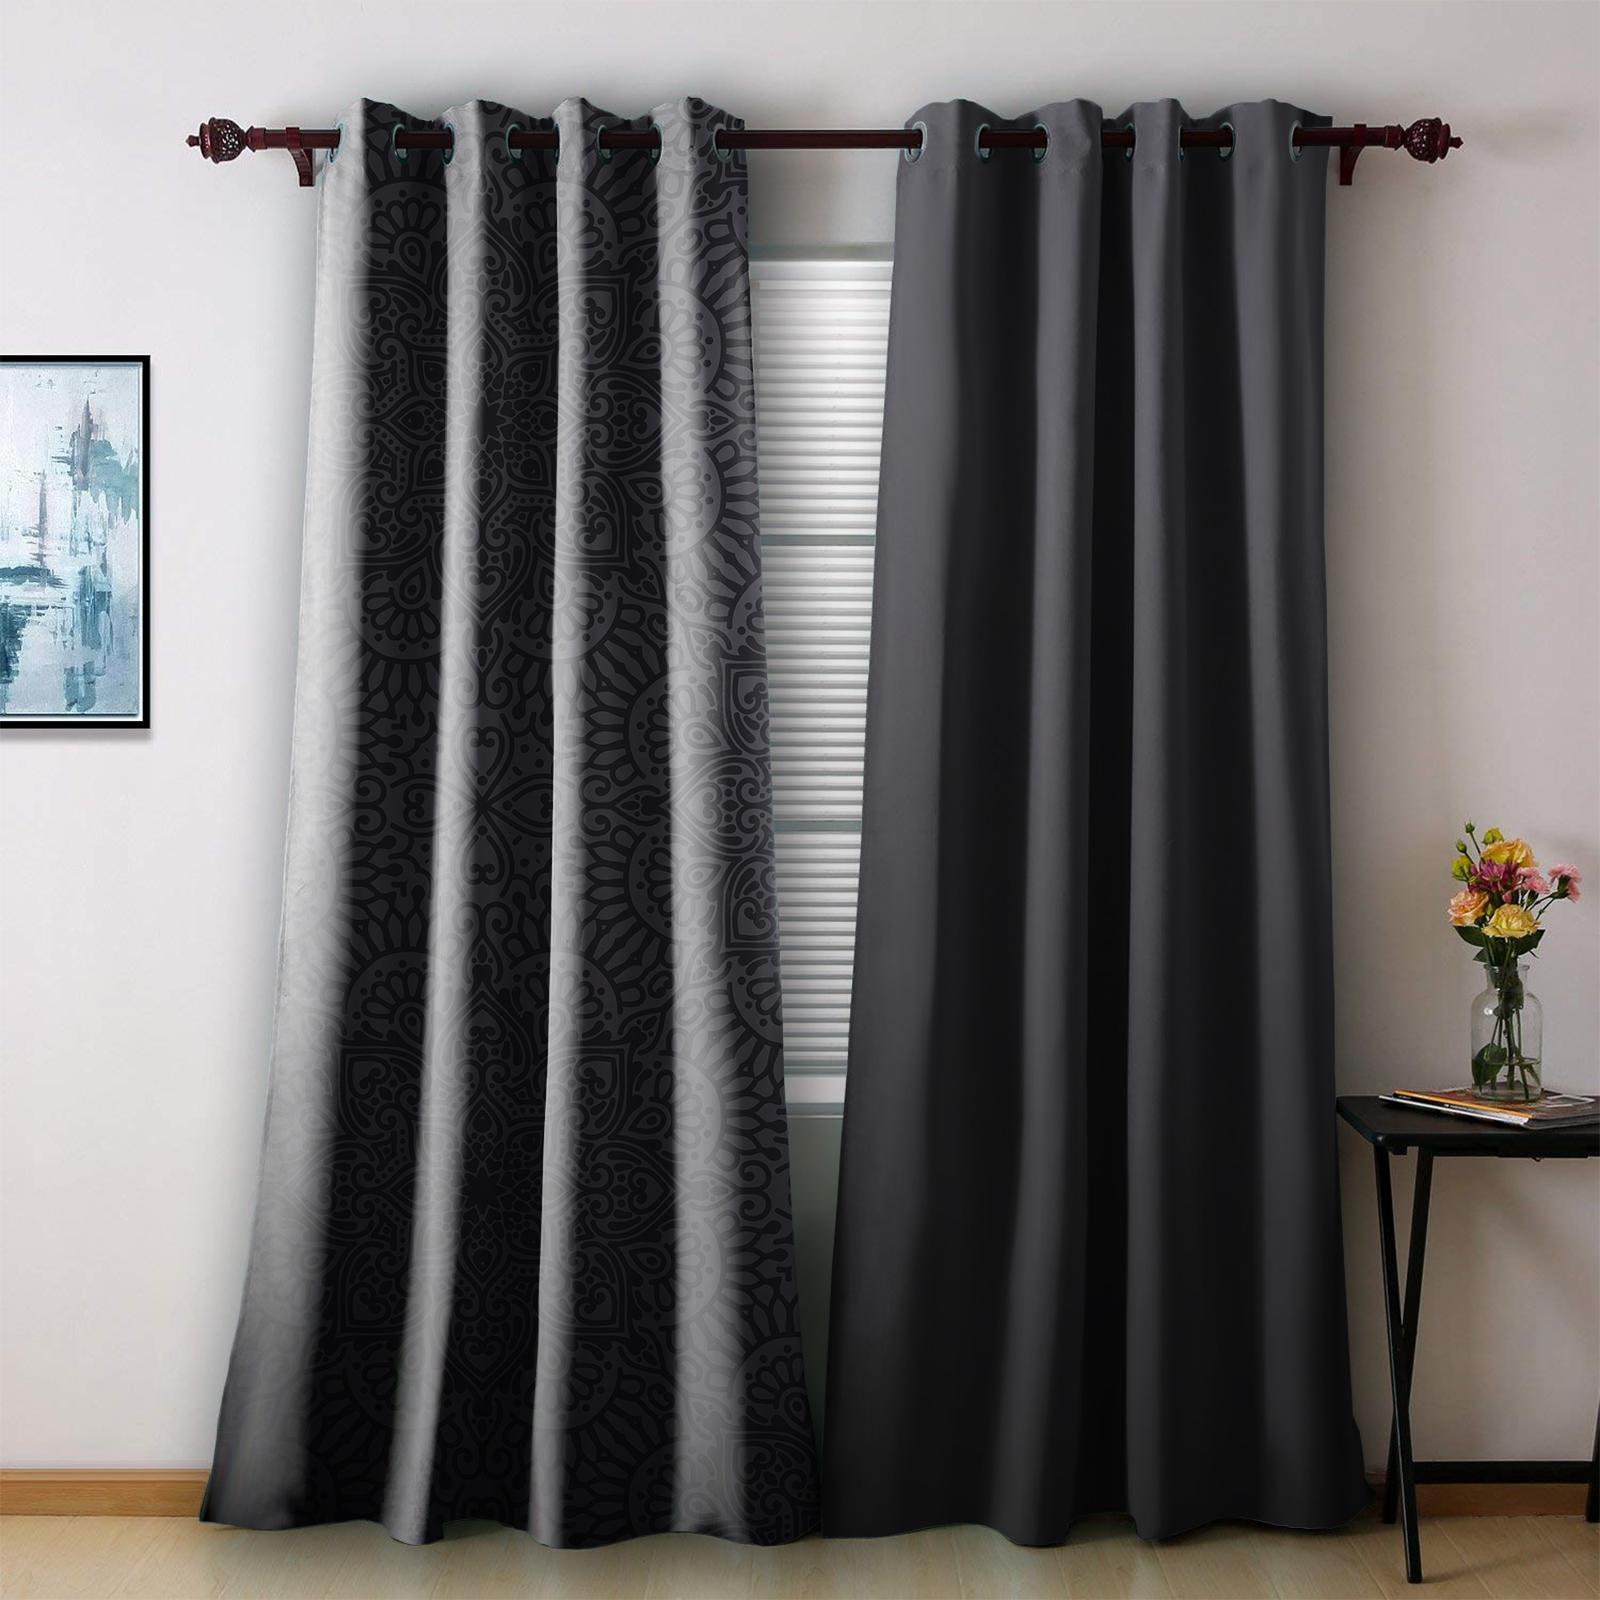 تصویر از پرده مدل curtain637